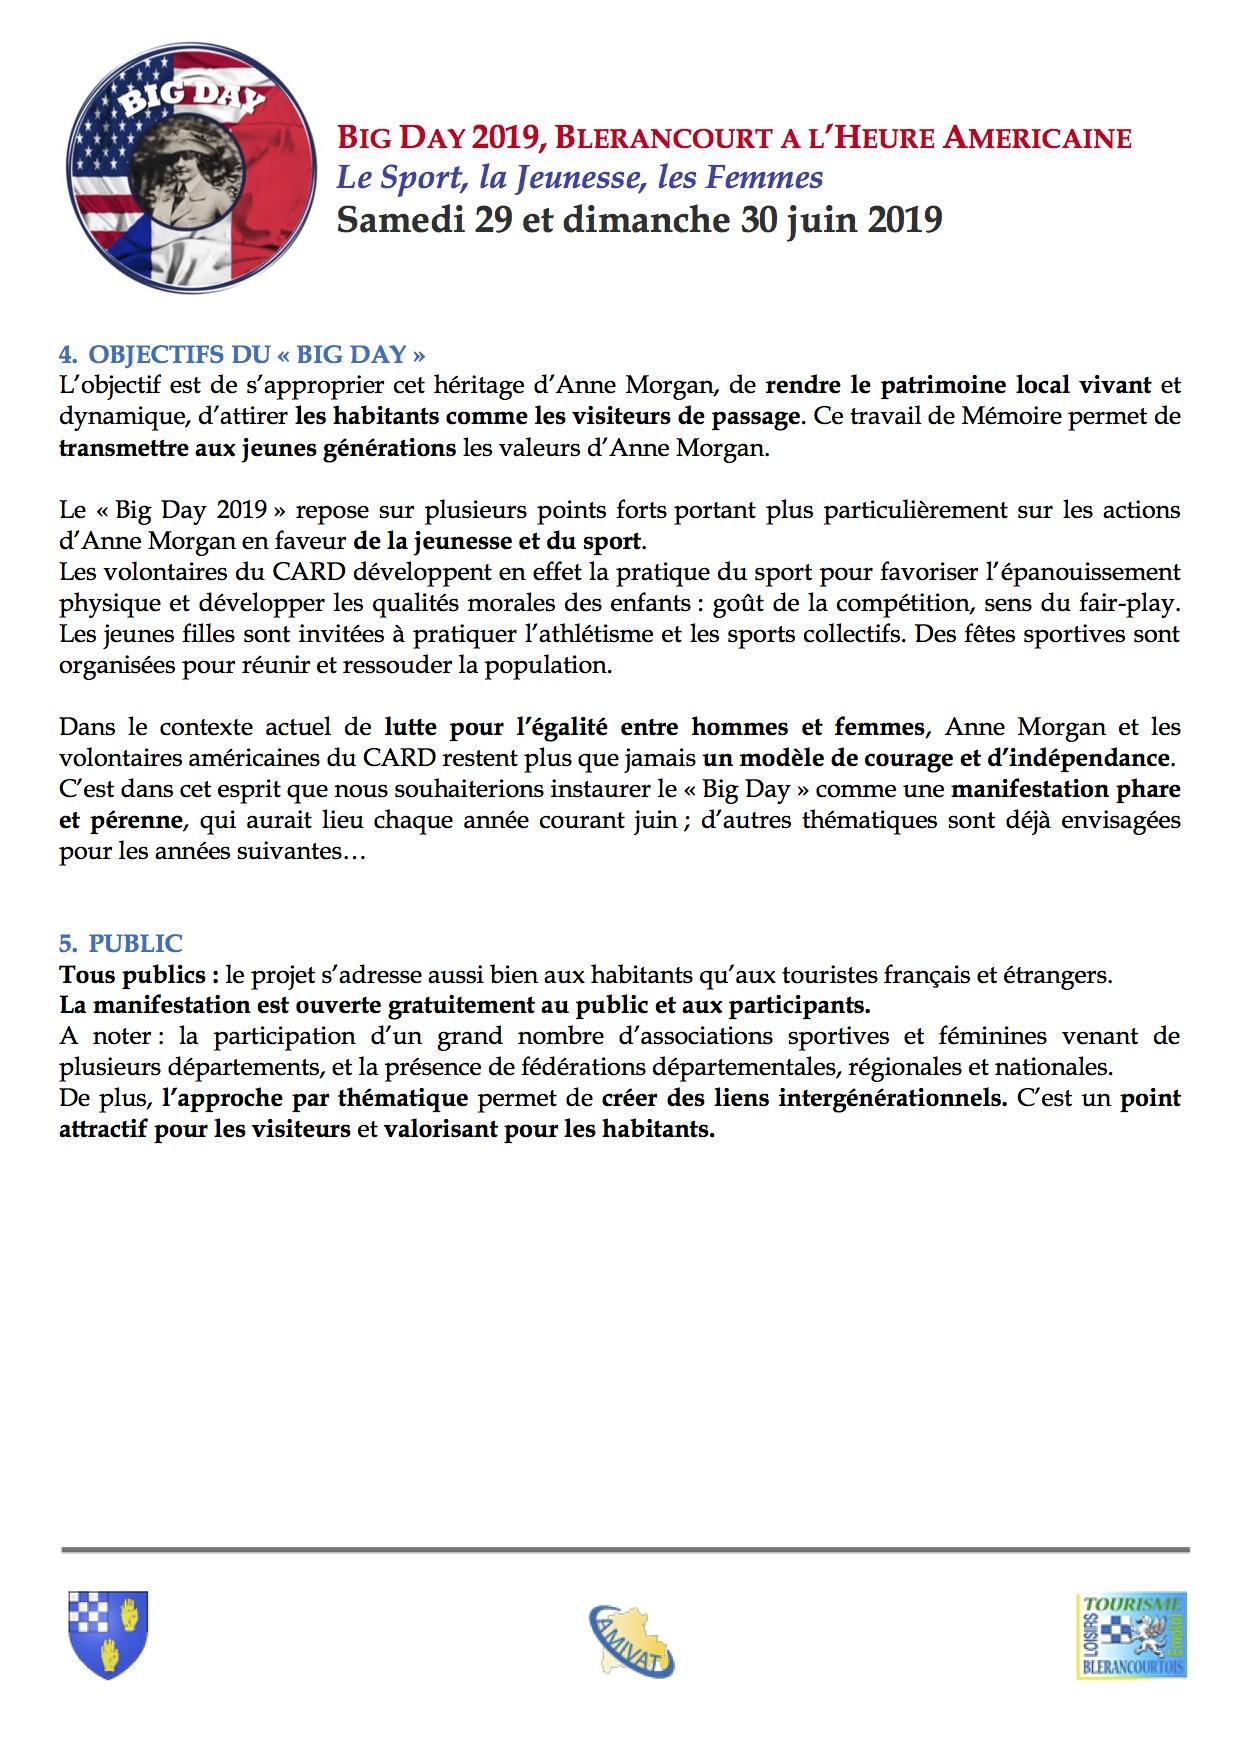 Dossier de Presse & de Sponsoring page 3